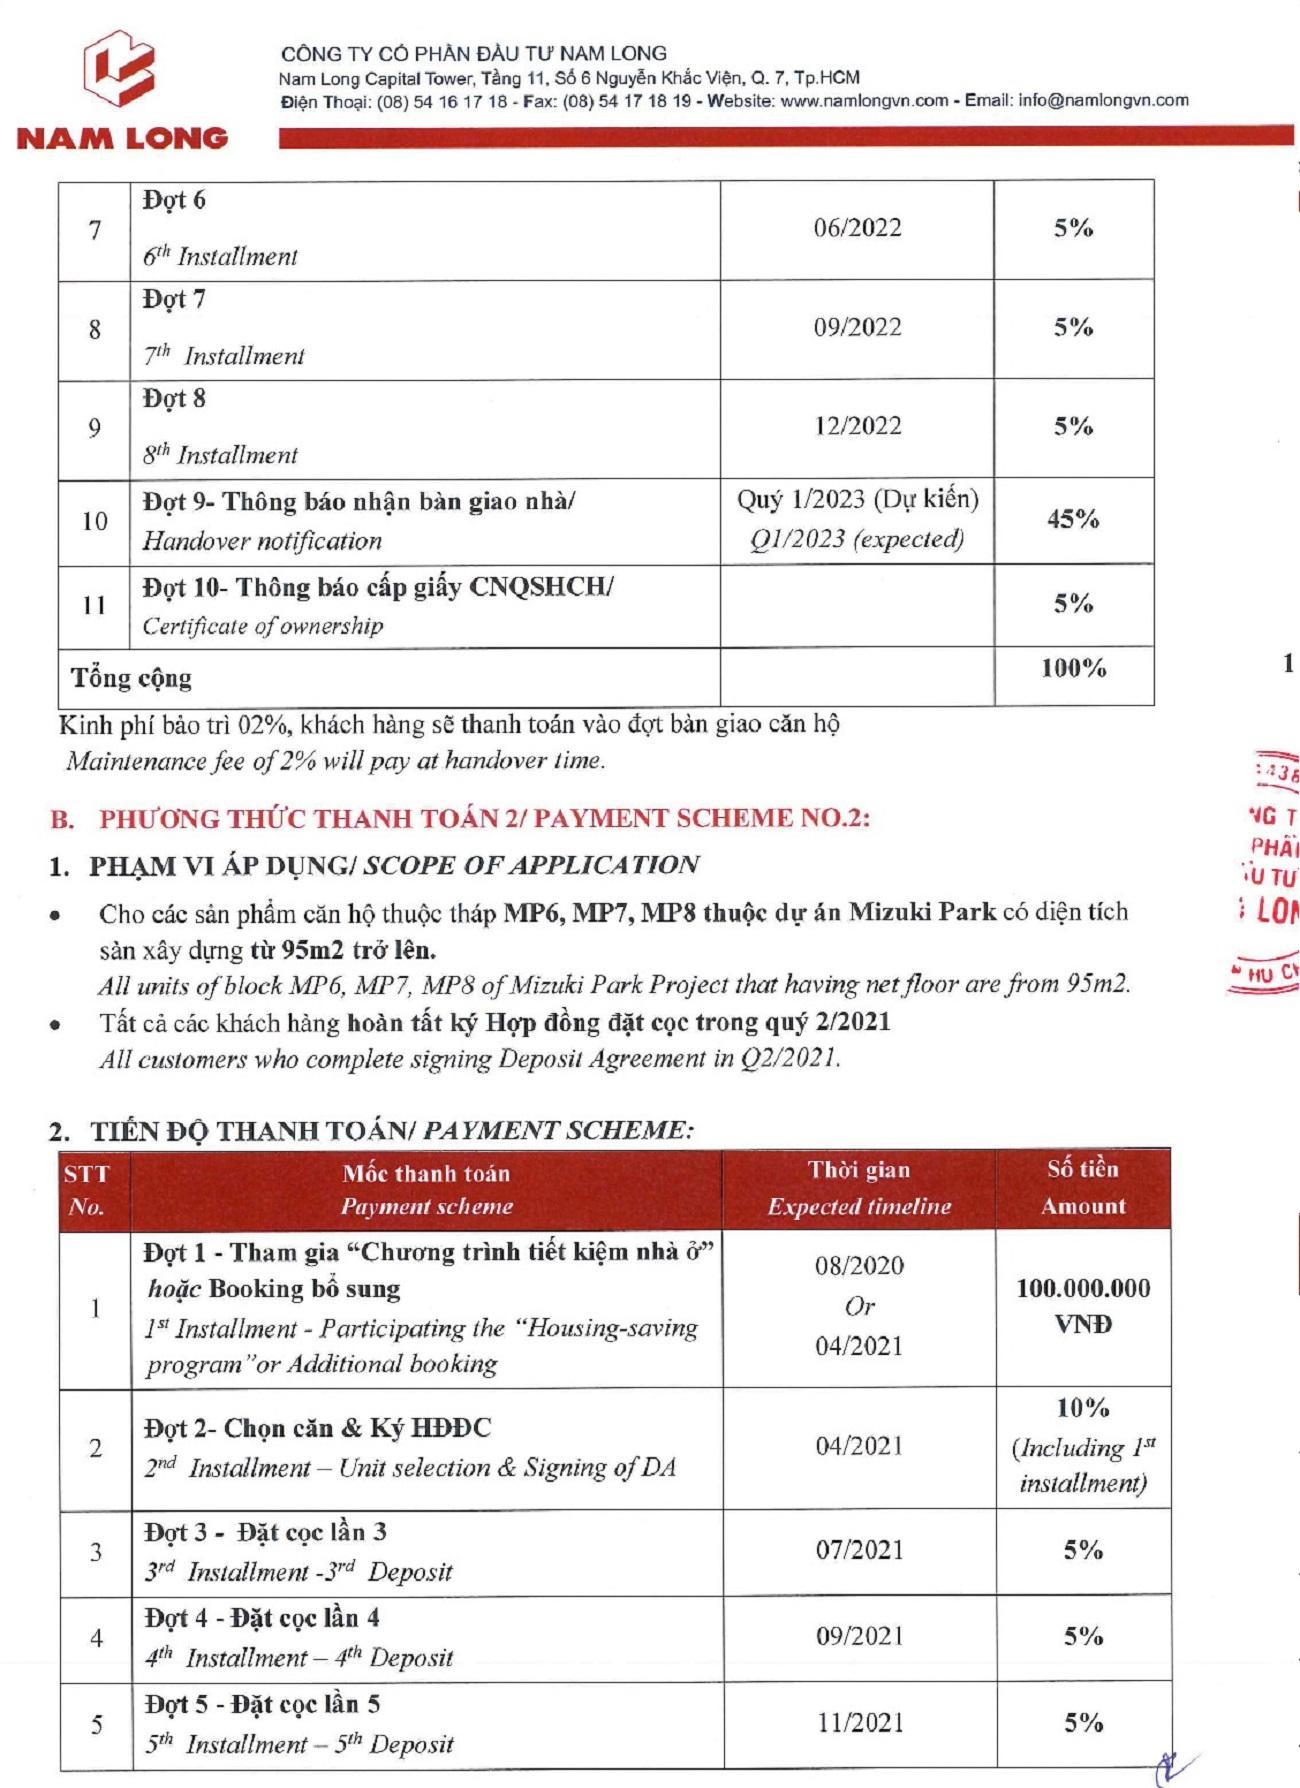 Chính sách thanh toán M6 M7, M8 Mizuki Park Bình Chánh